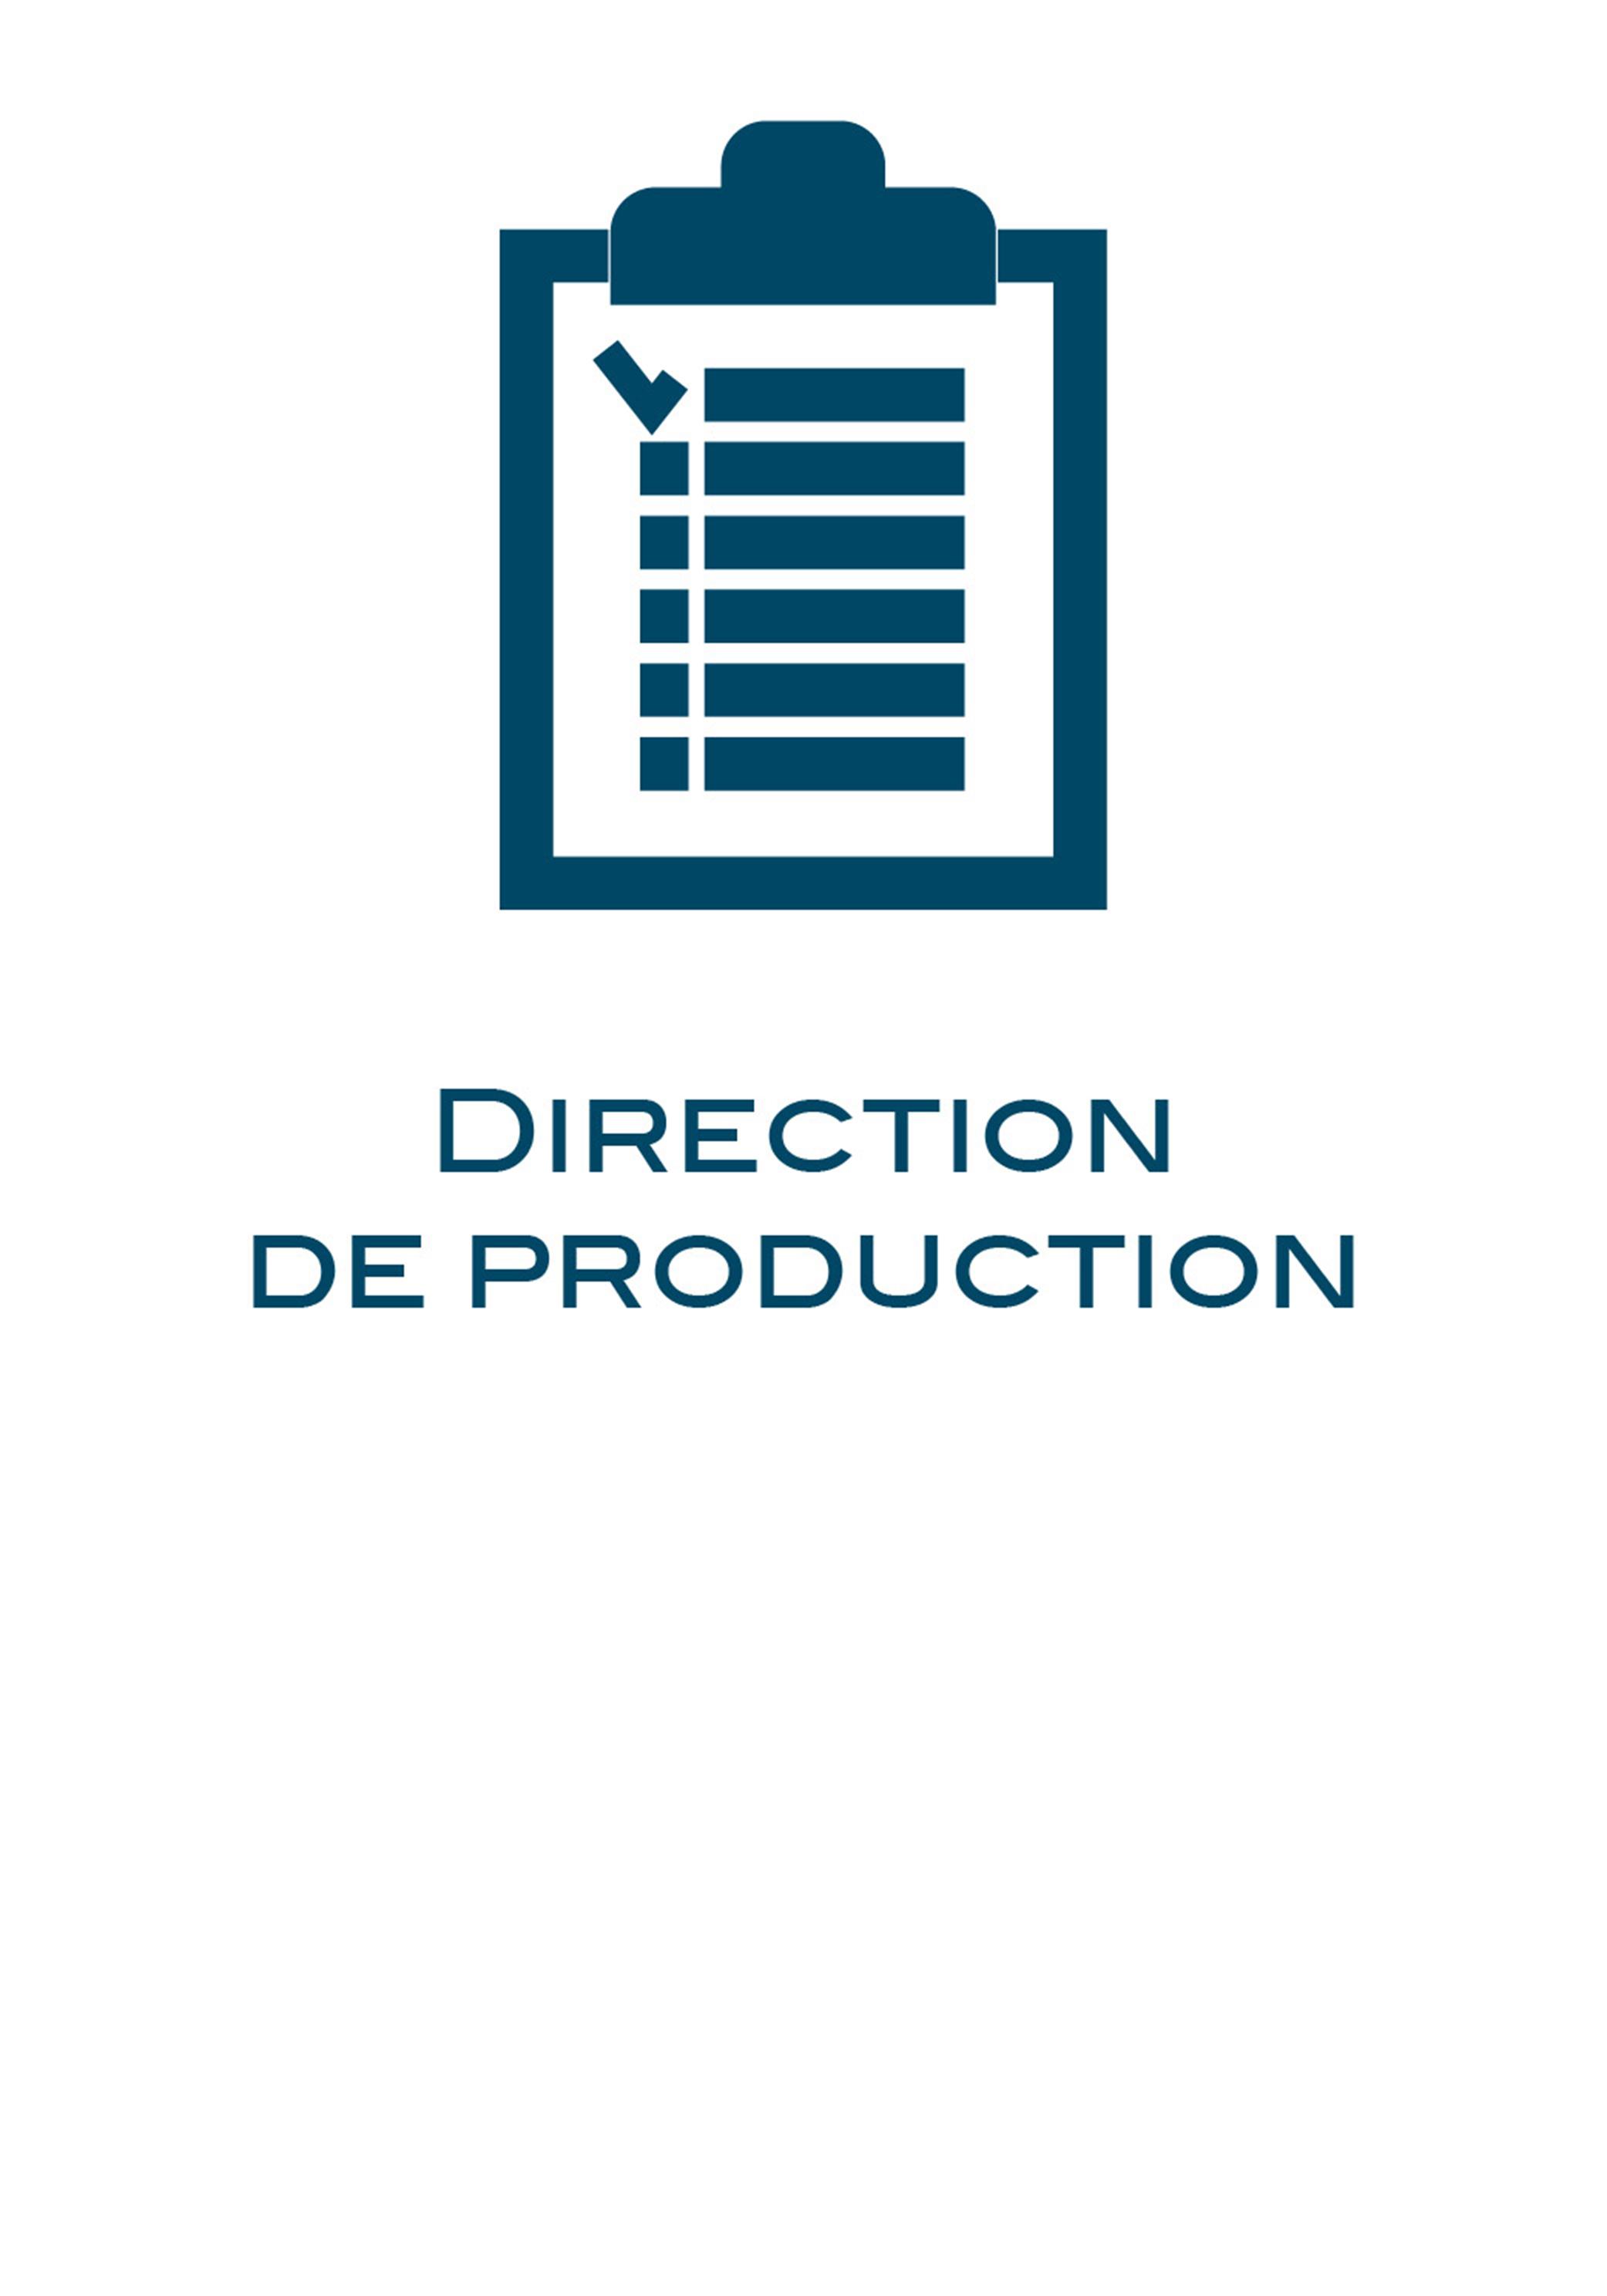 Nous assumons la production de A à Z aussi bien le développement narratif que le storyboard, les autorisations de tournage, la bande sonore, pour réaliser votre vision suivant vos planning et budget.